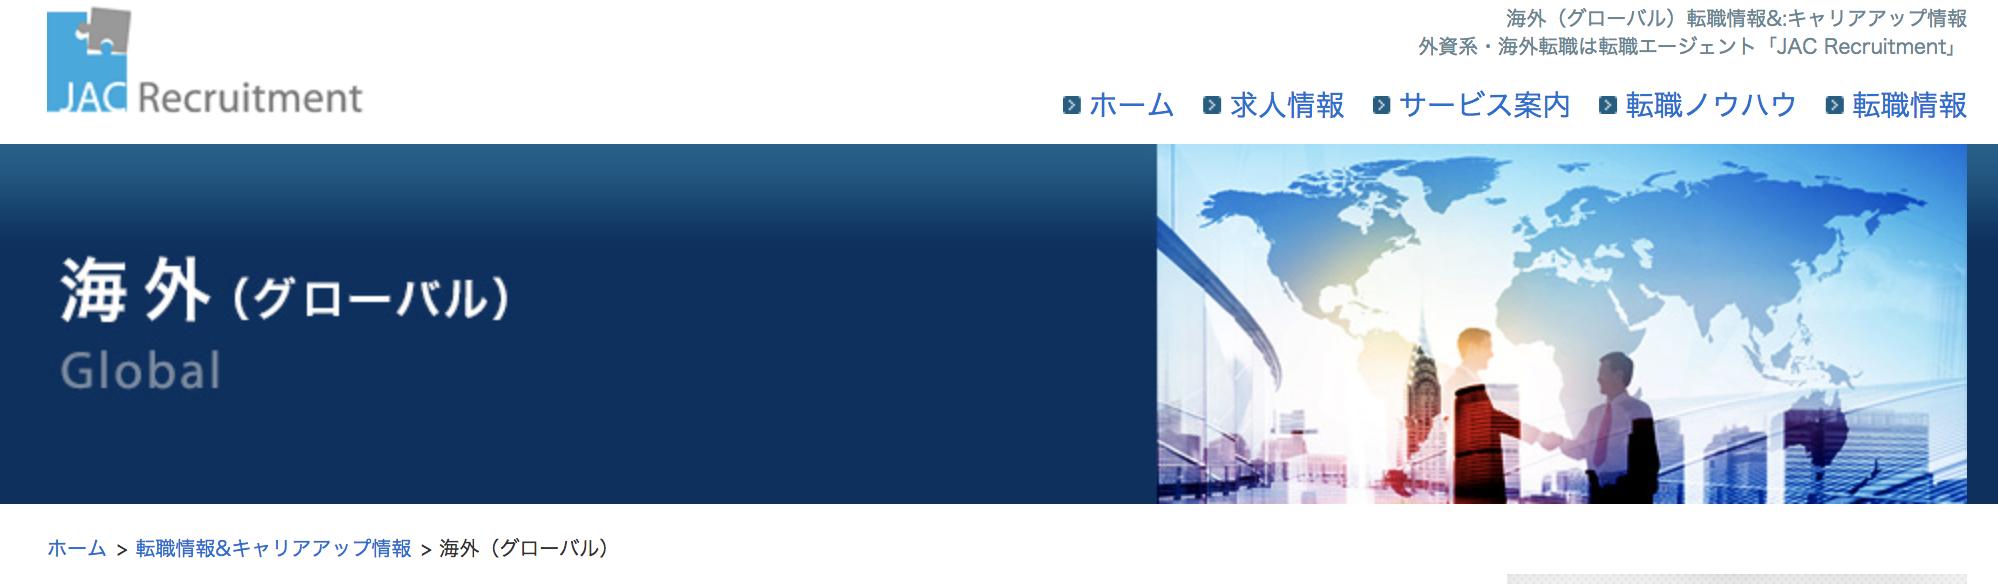 JACリクルートメントの海外転職専用ページ